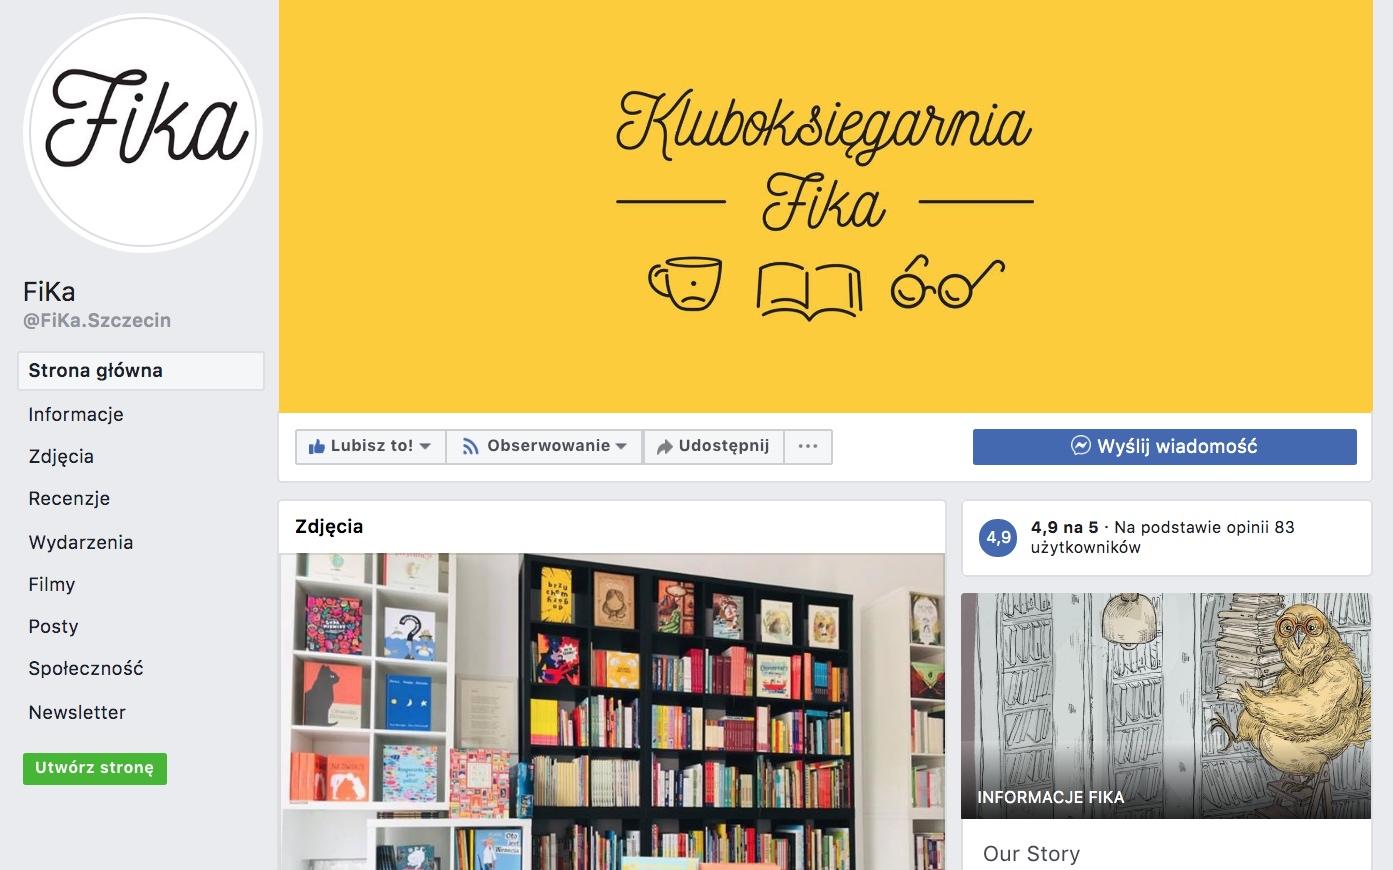 Dobry przykład: strona księgarni FiKa na Facebooku. Źródło: www.facebook.com/FiKa.Szczecin/